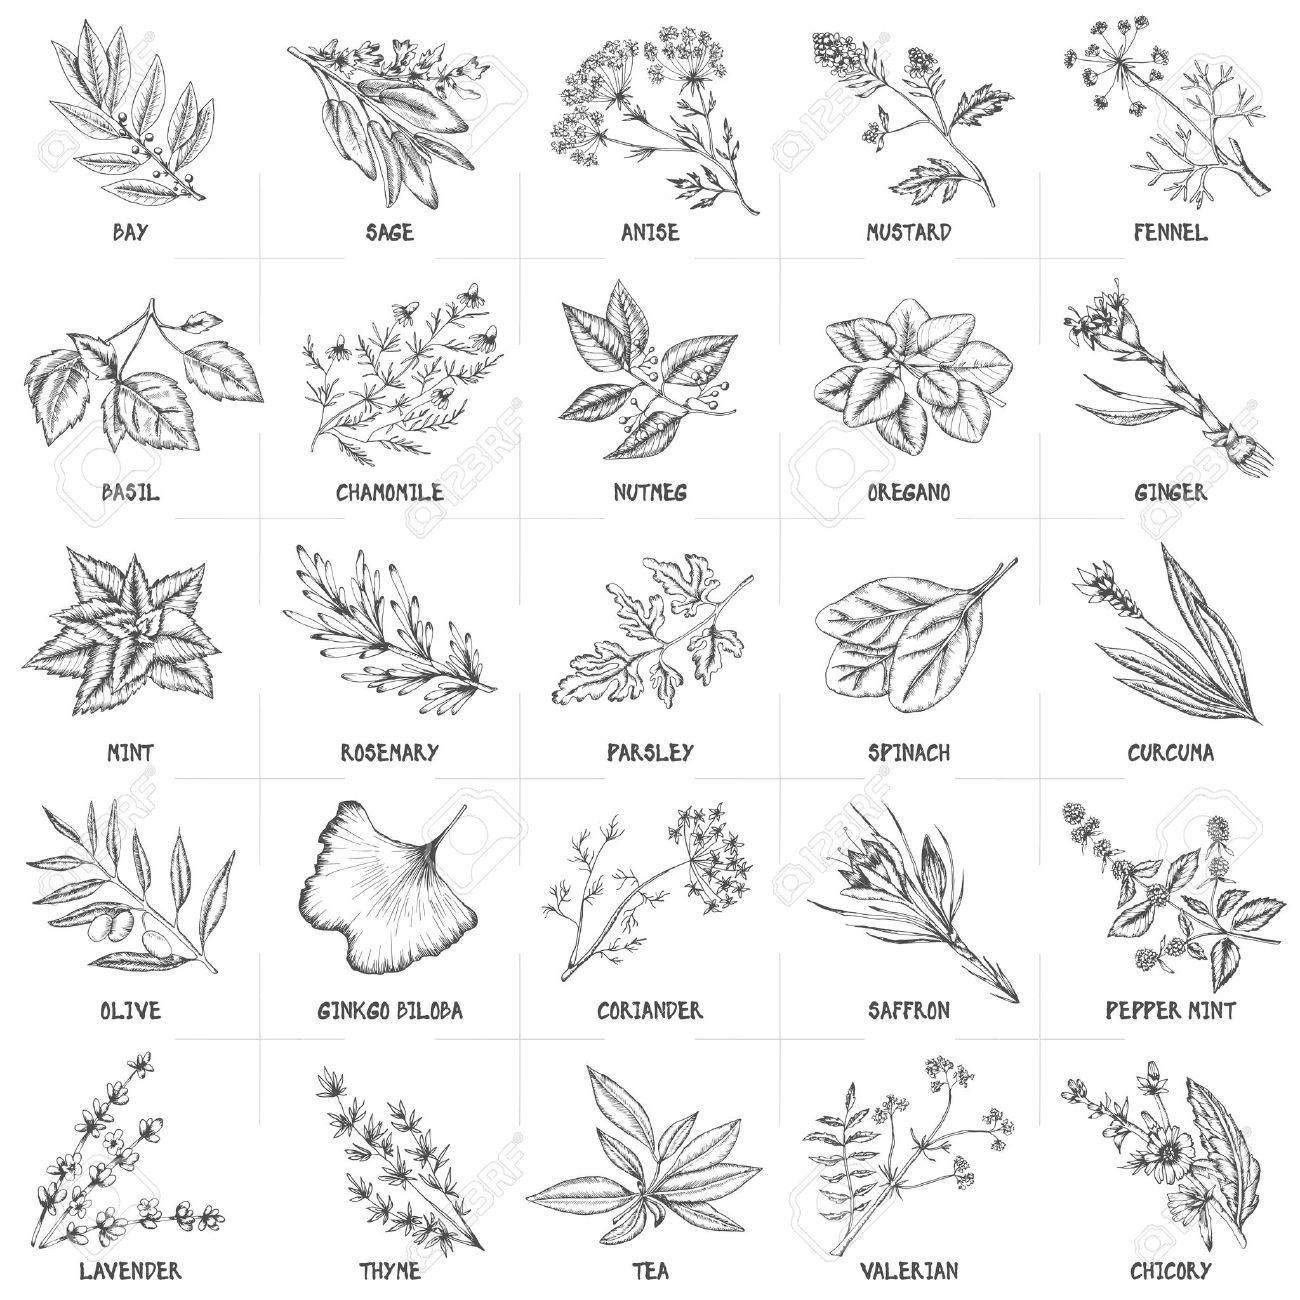 Küche Und Drogenpflanzen Sammlung. Bay, Salbei, Anis. Fenchel, Basilikum,  Kamille, Muskatnuss, Oregano, Ingwer, Minze, Rosmarin, Petersilie, Spinat,  ...